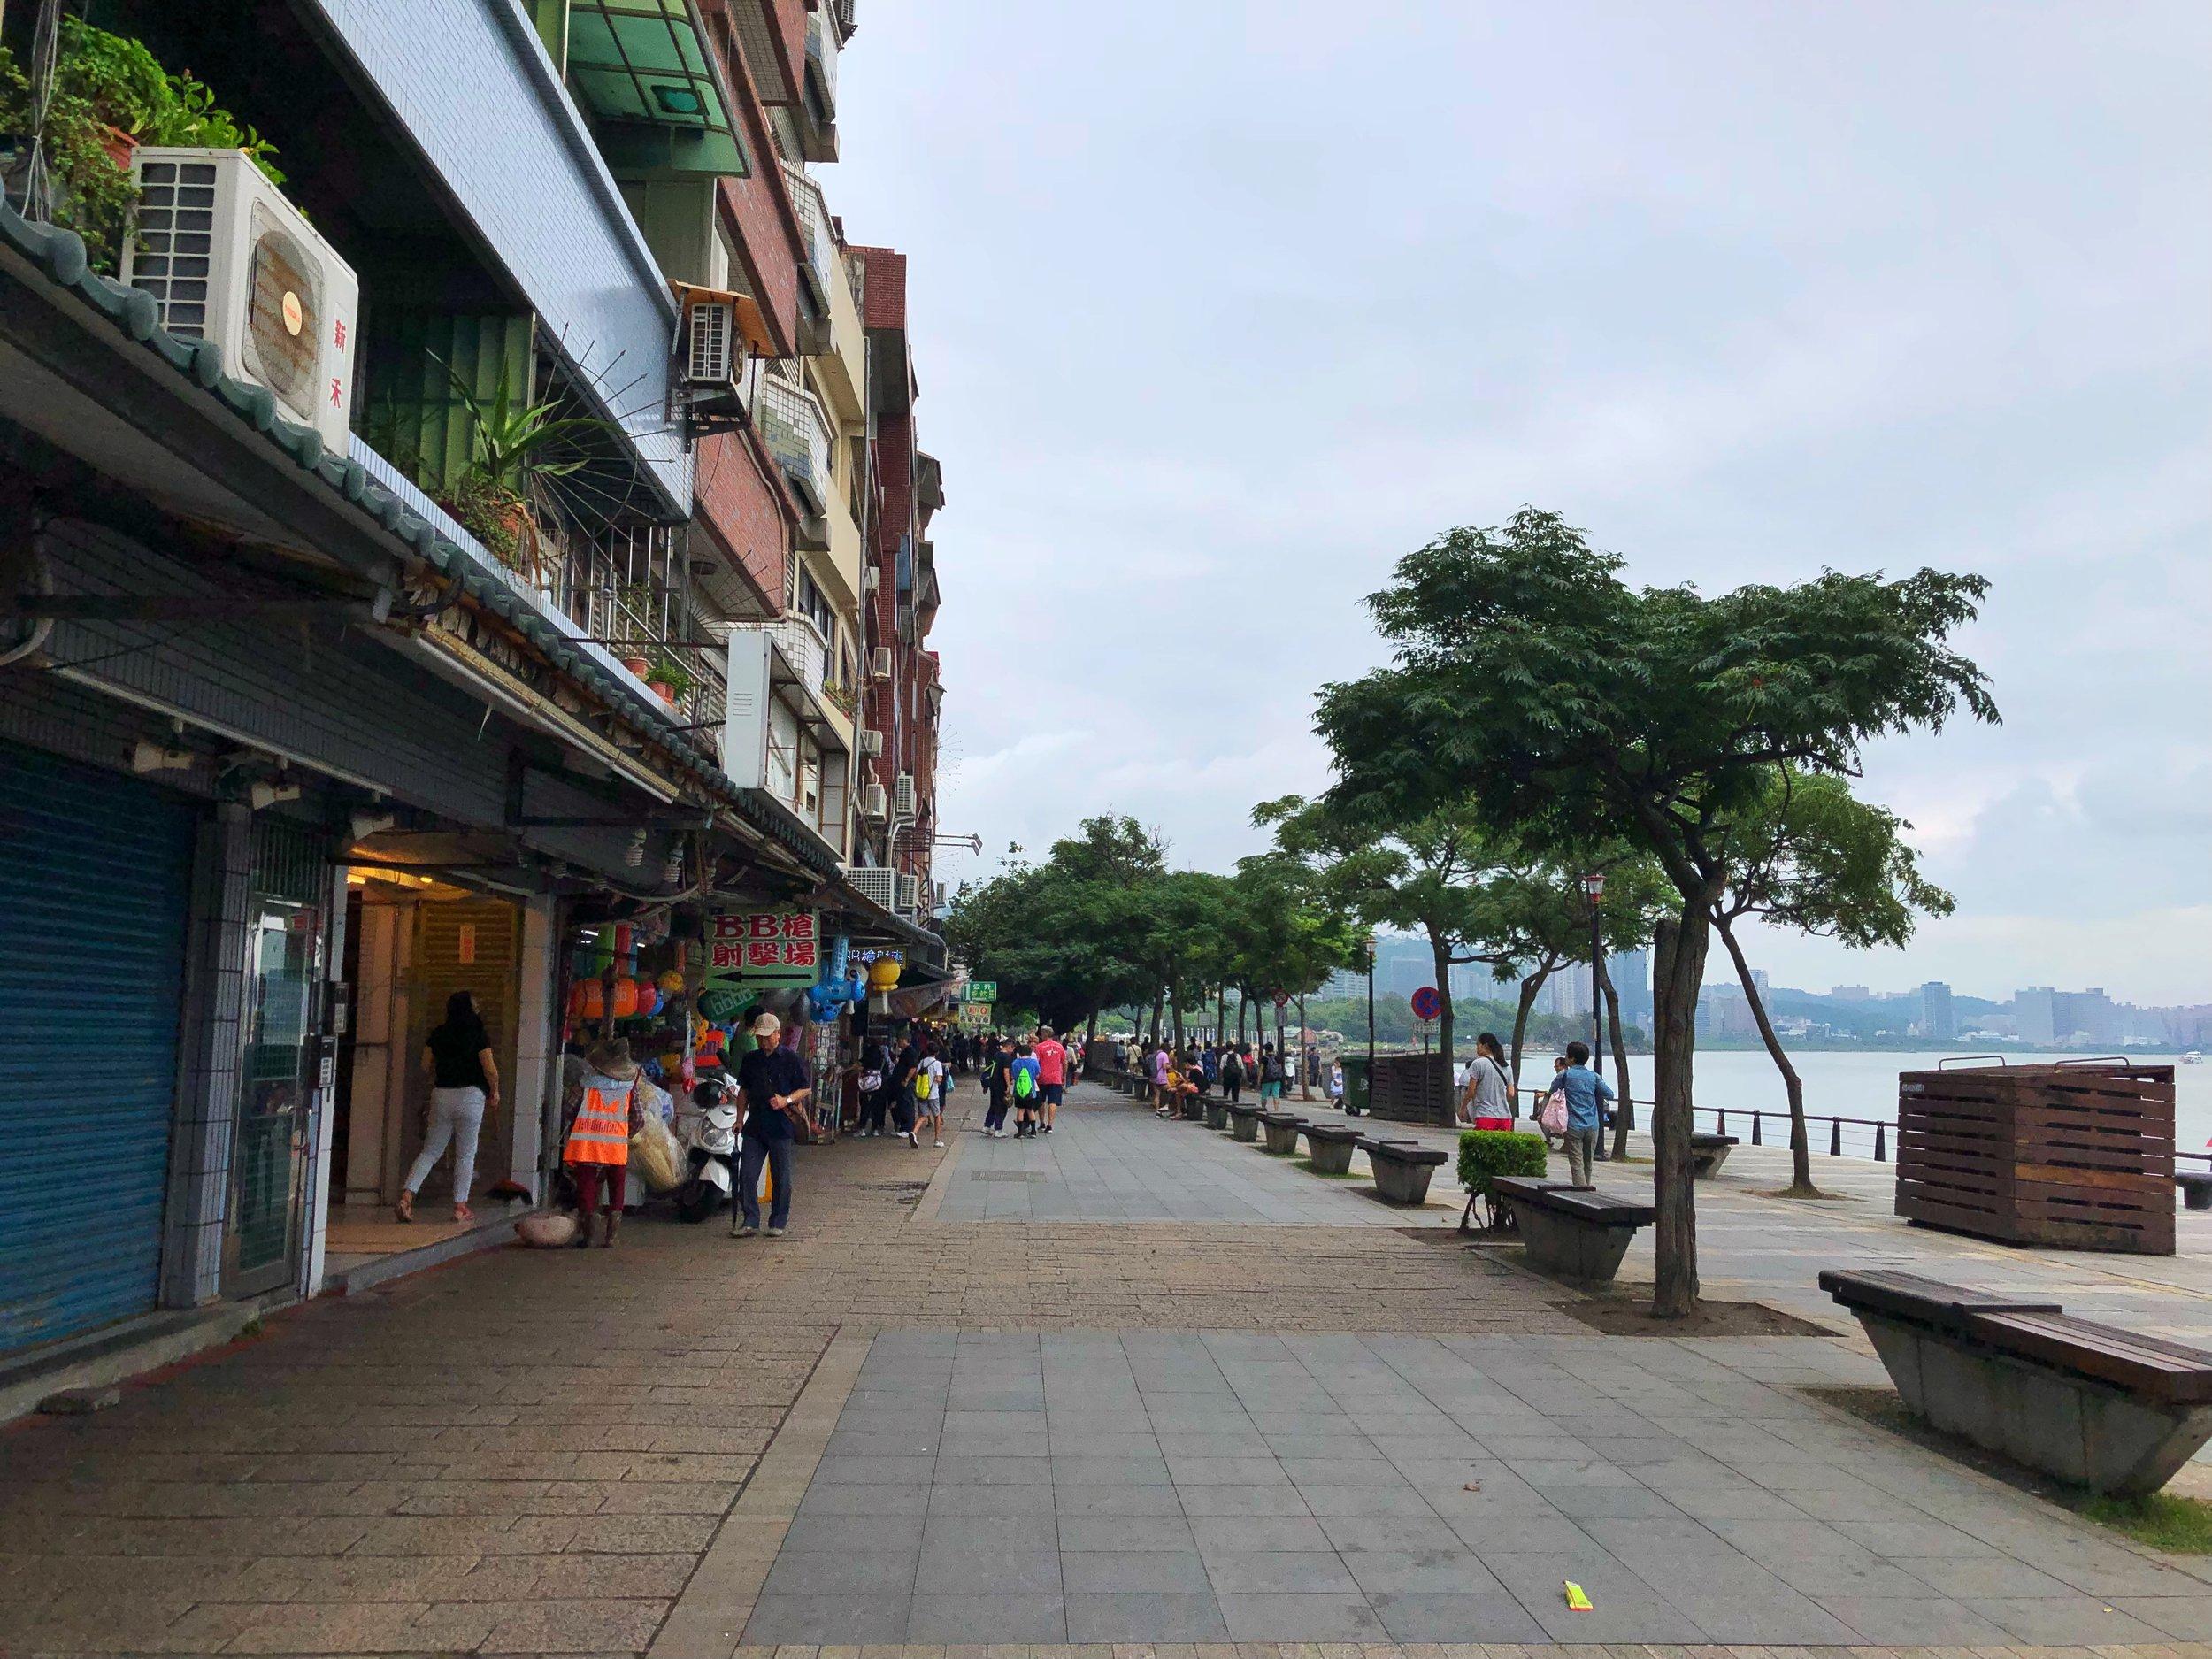 tamshui wharf